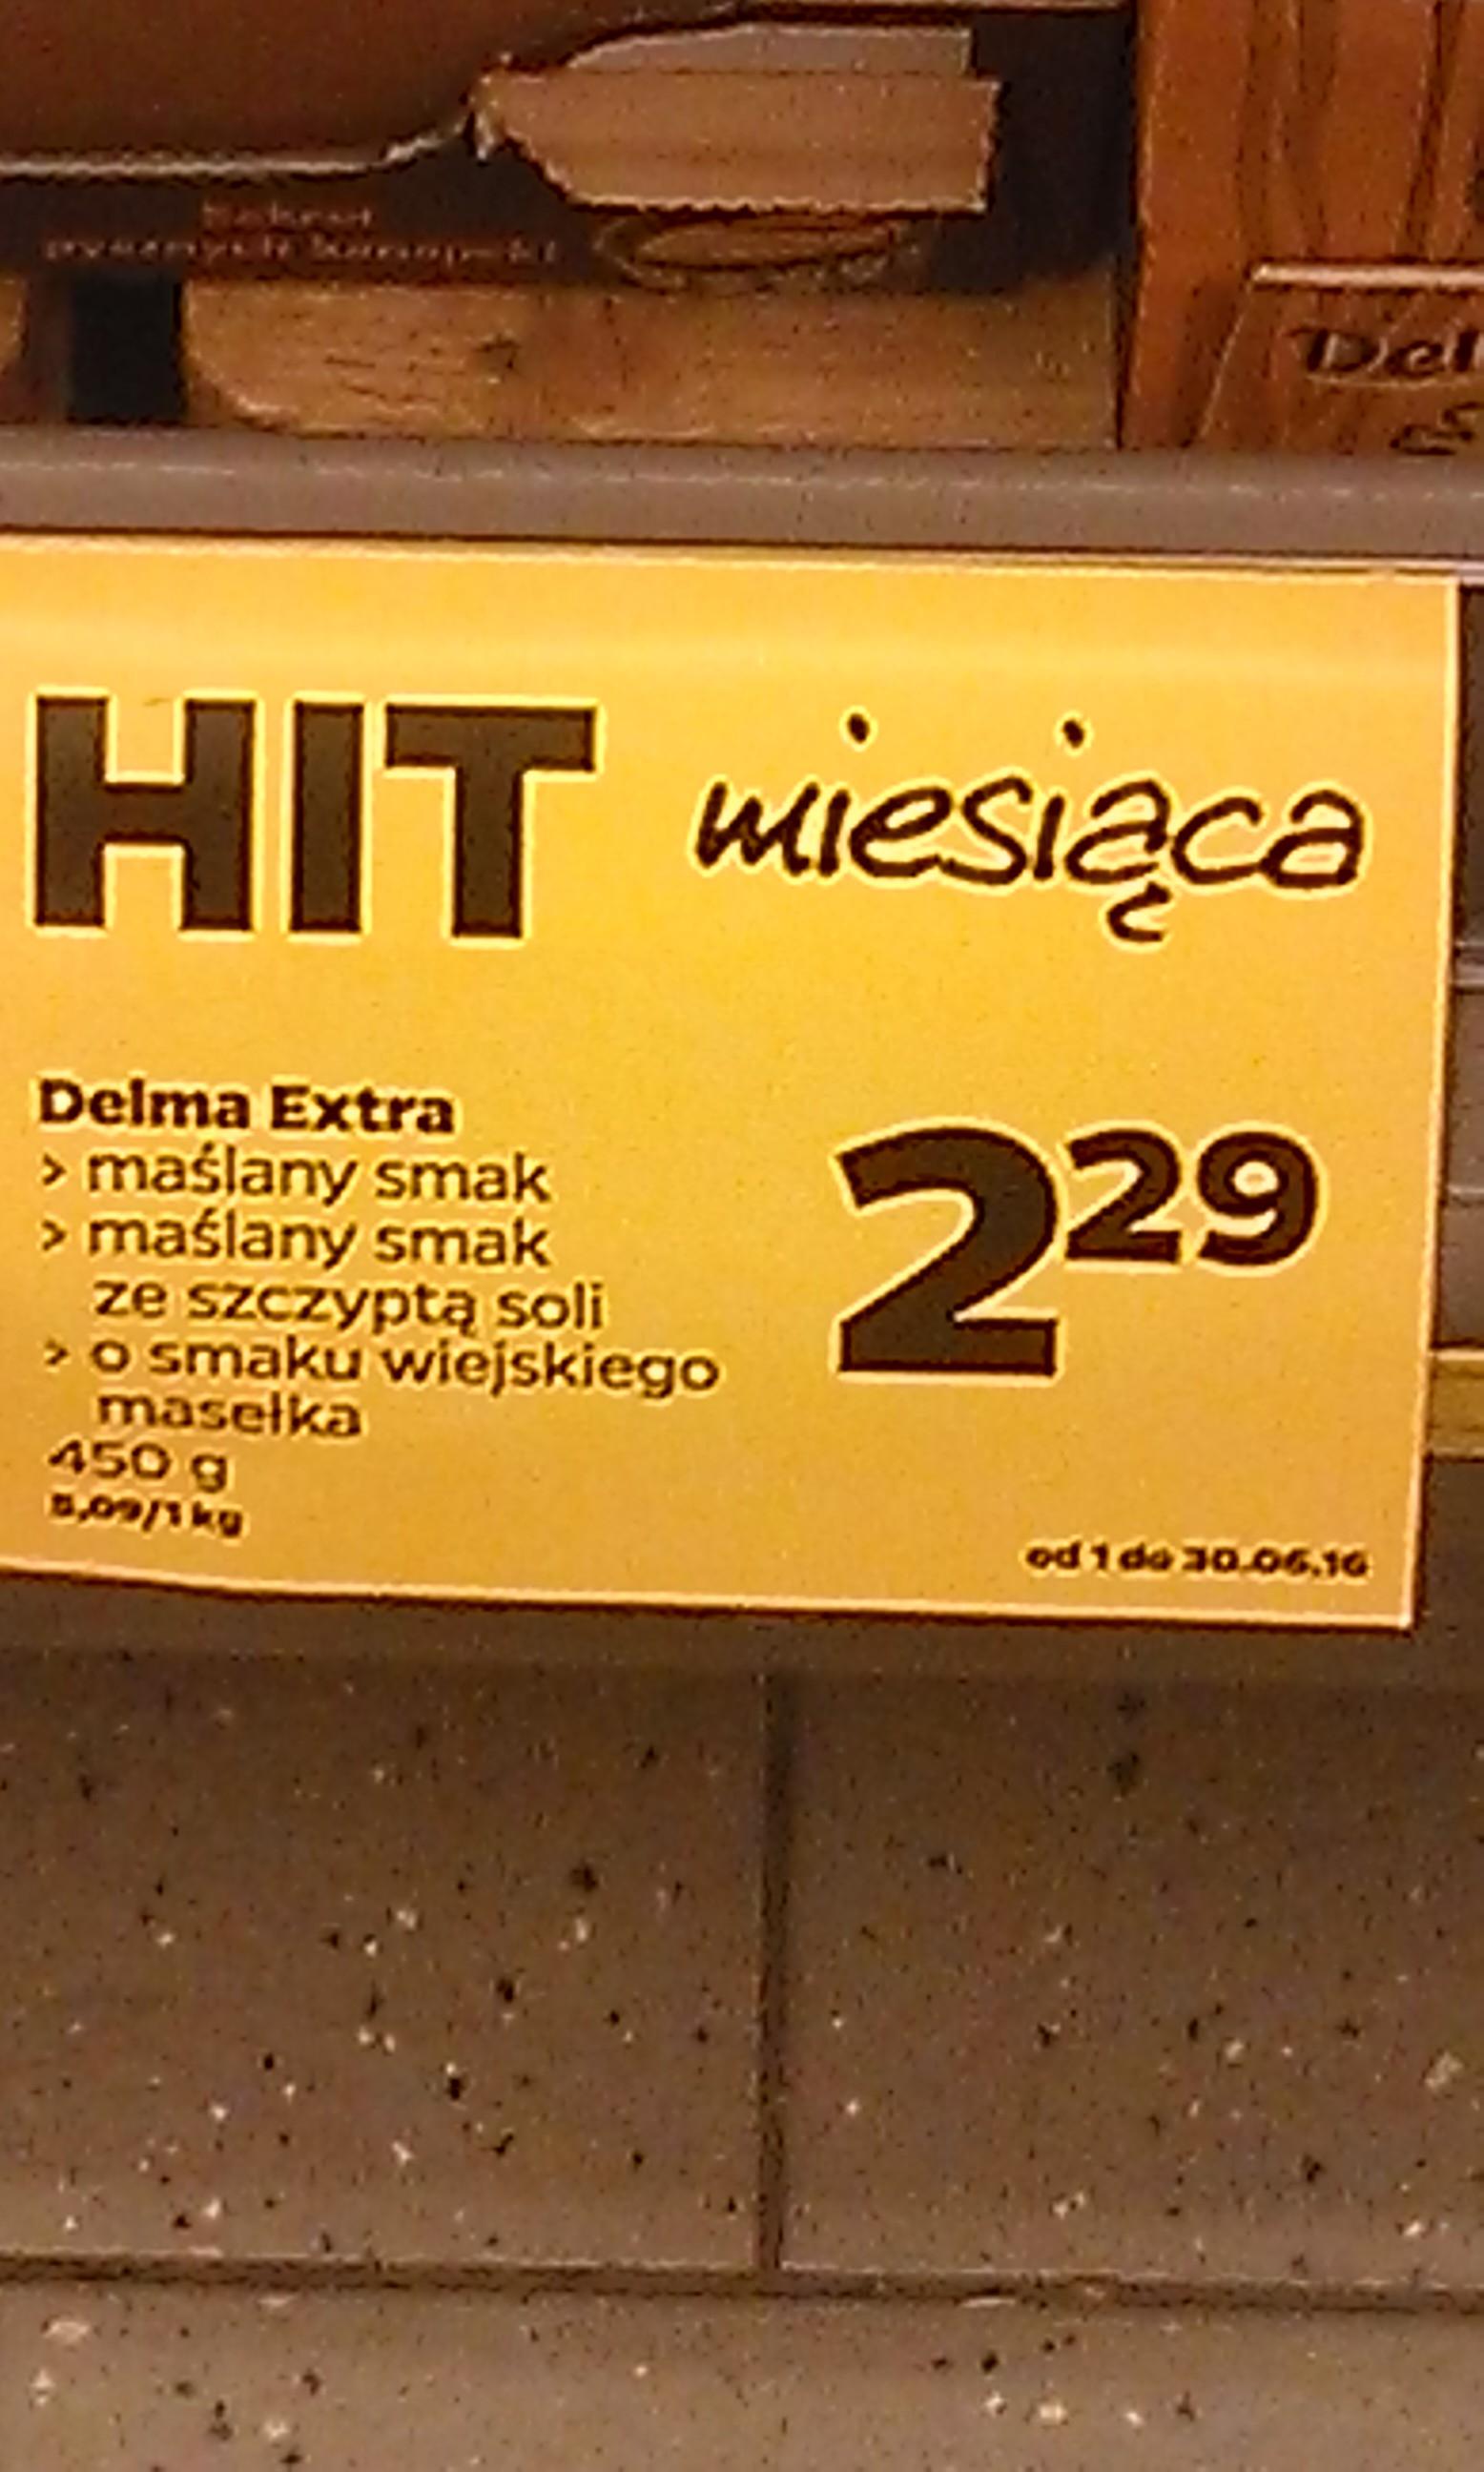 Delma 450g, 2,29zł - Netto